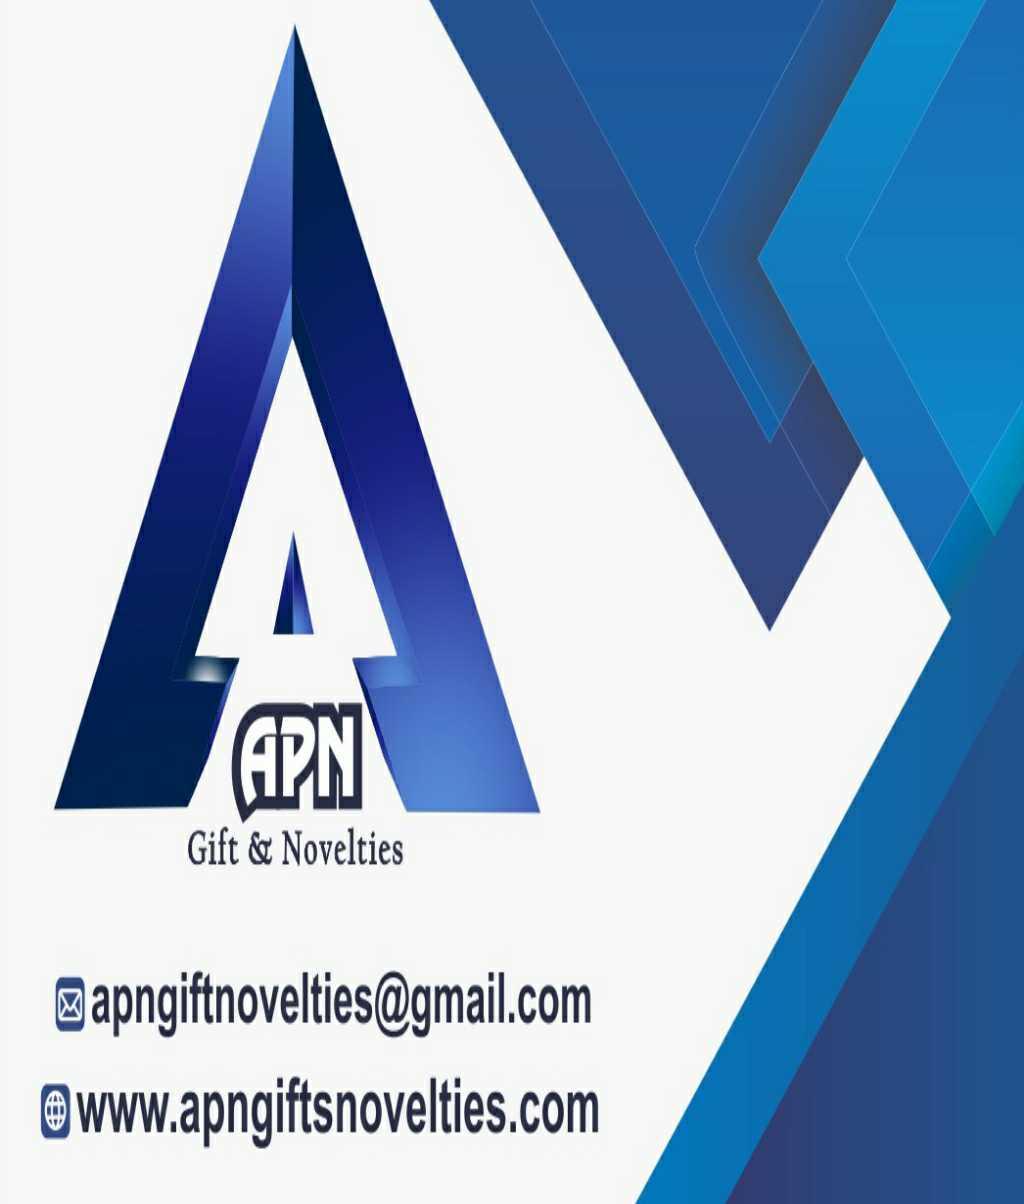 APN GIFT & NOVELTIES